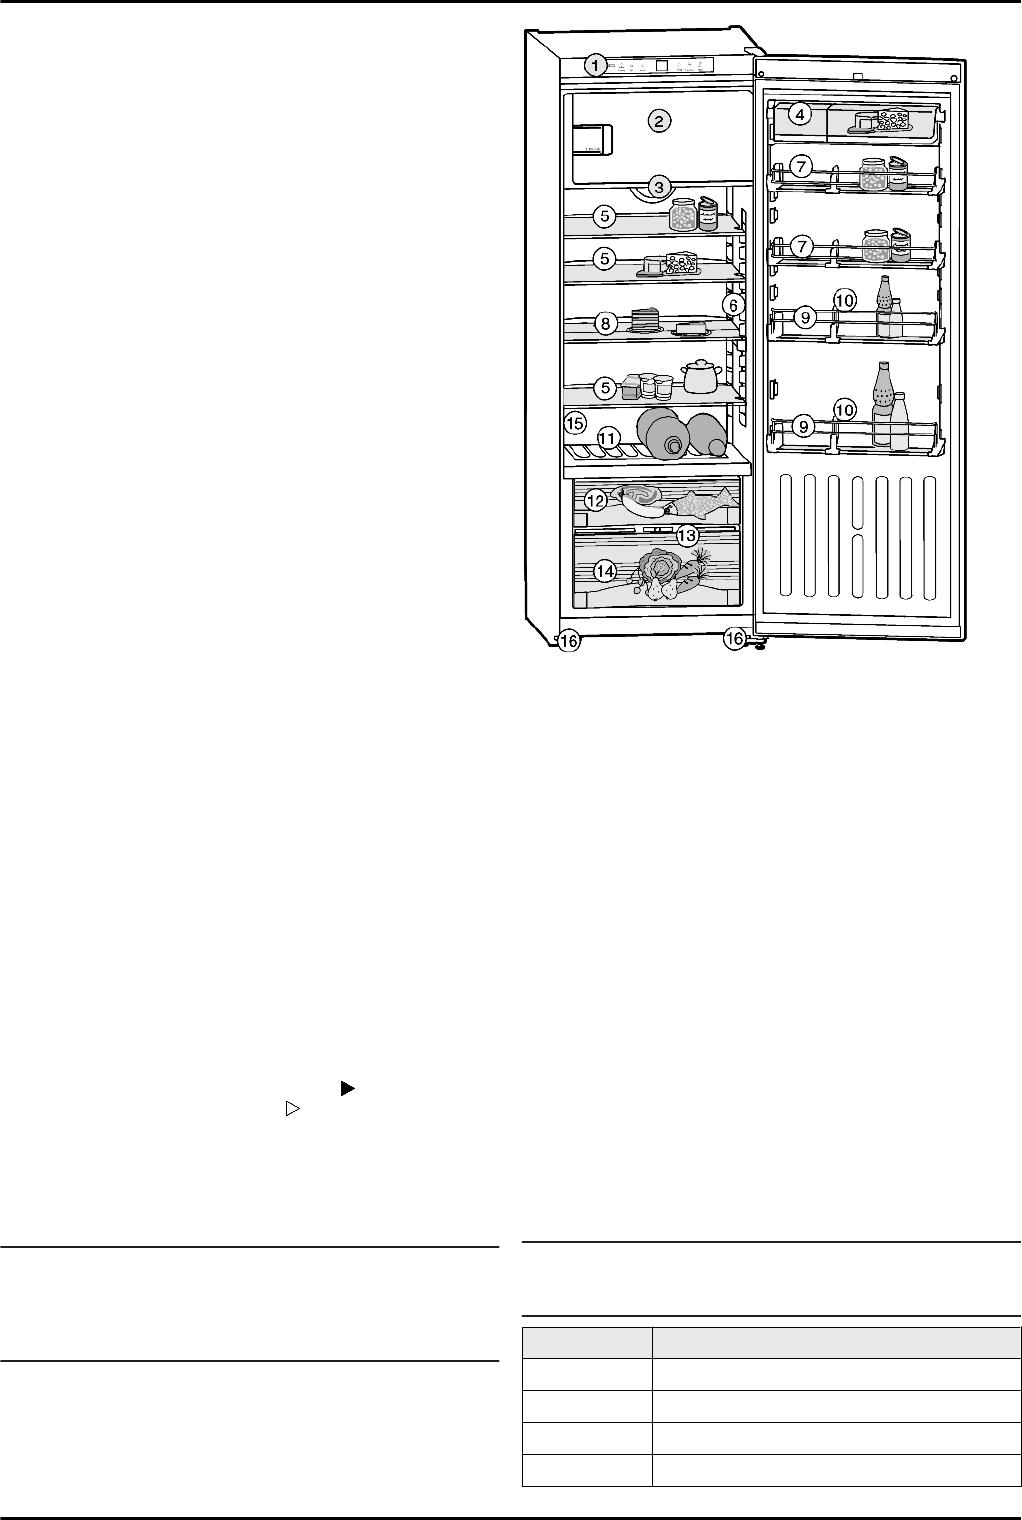 Bedienungsanleitung Liebherr KBgb 3864 Premium BioFresh Seite 11